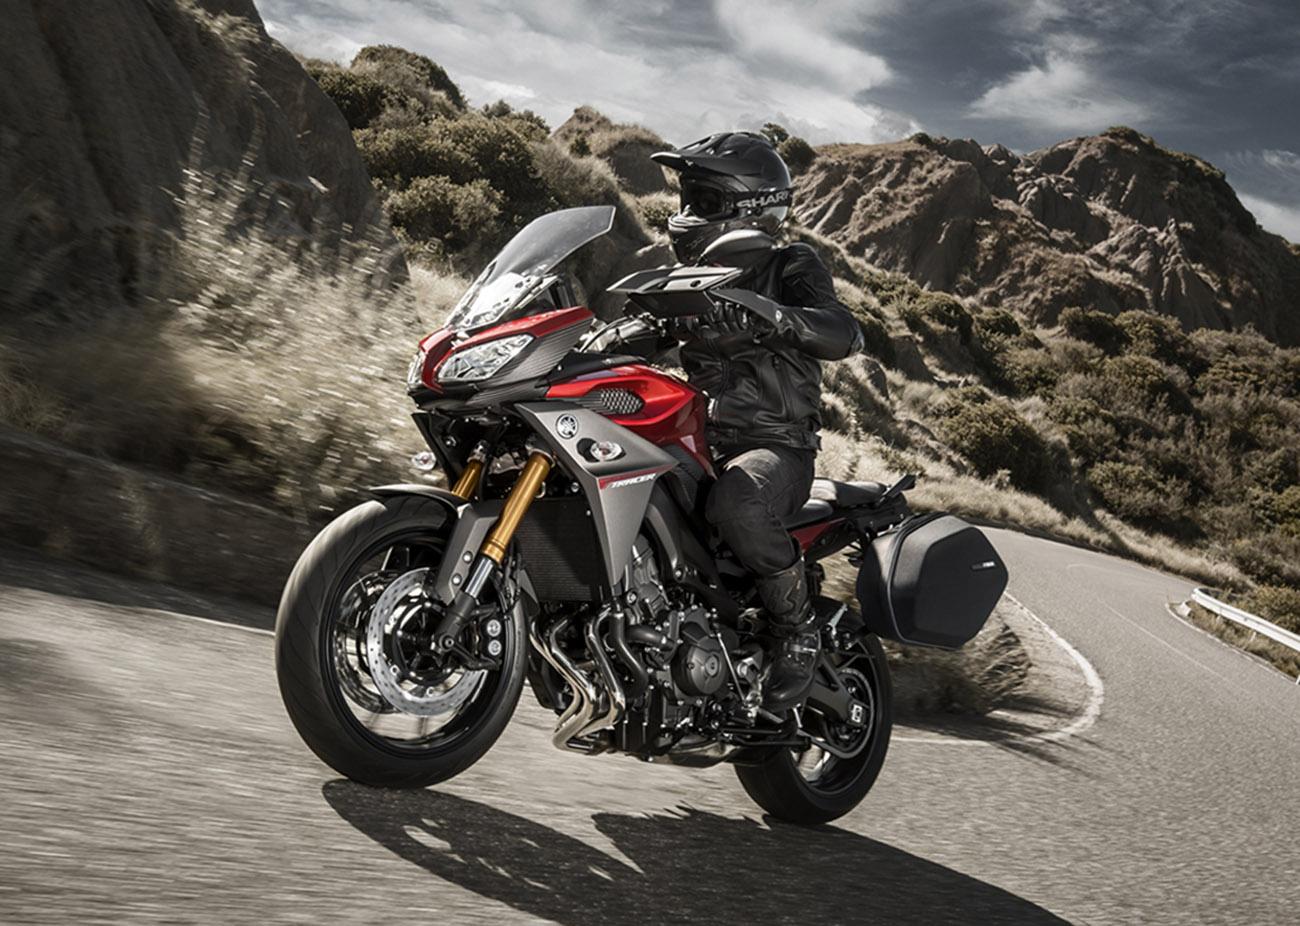 Un defecto en las maletas de las motocicletas Yamaha MT-09 Tracer puede provocar accidentes de tráfico